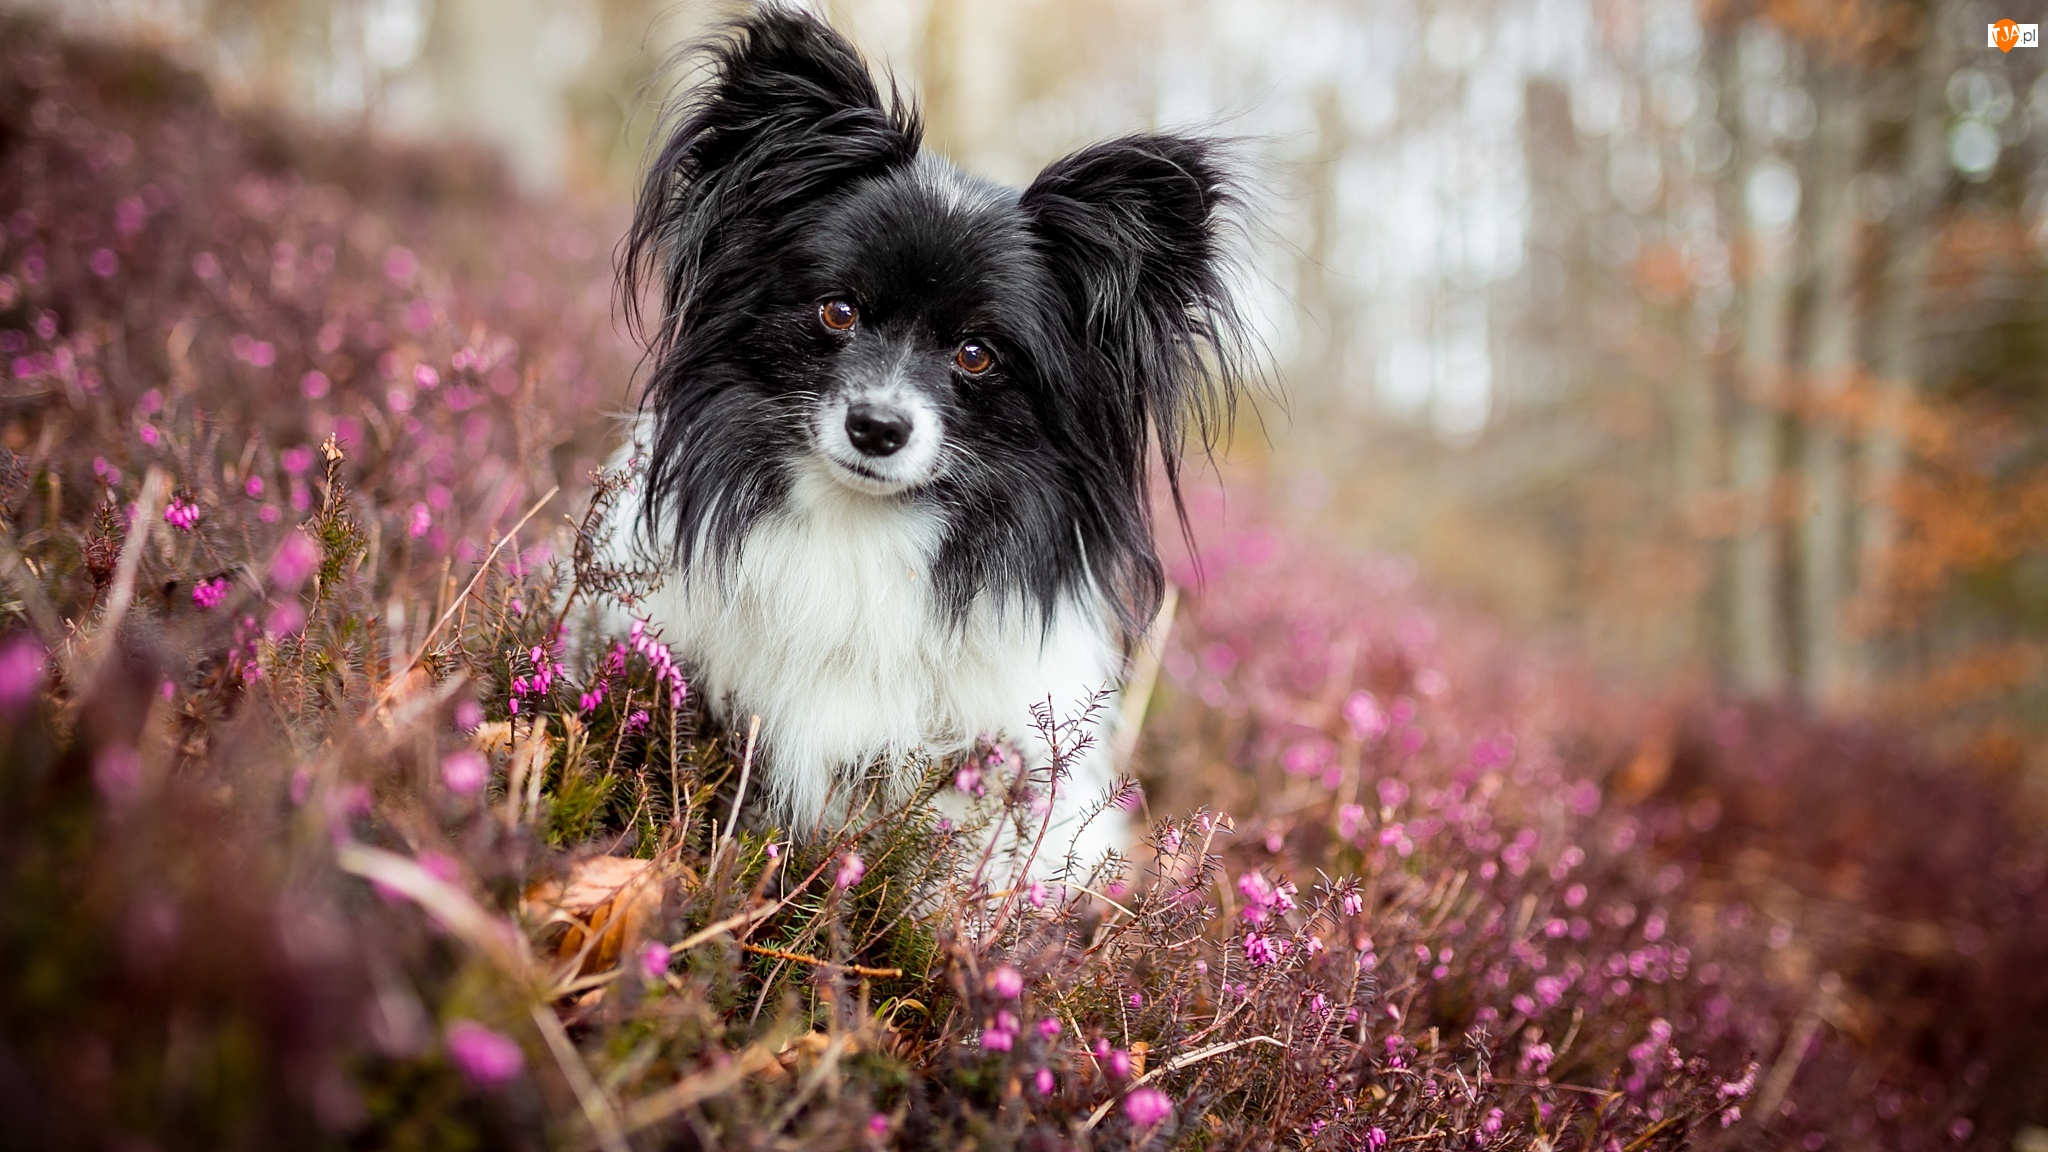 Wrzosy, Pies, Spaniel kontynentalny miniaturowy Papillon, Mordka